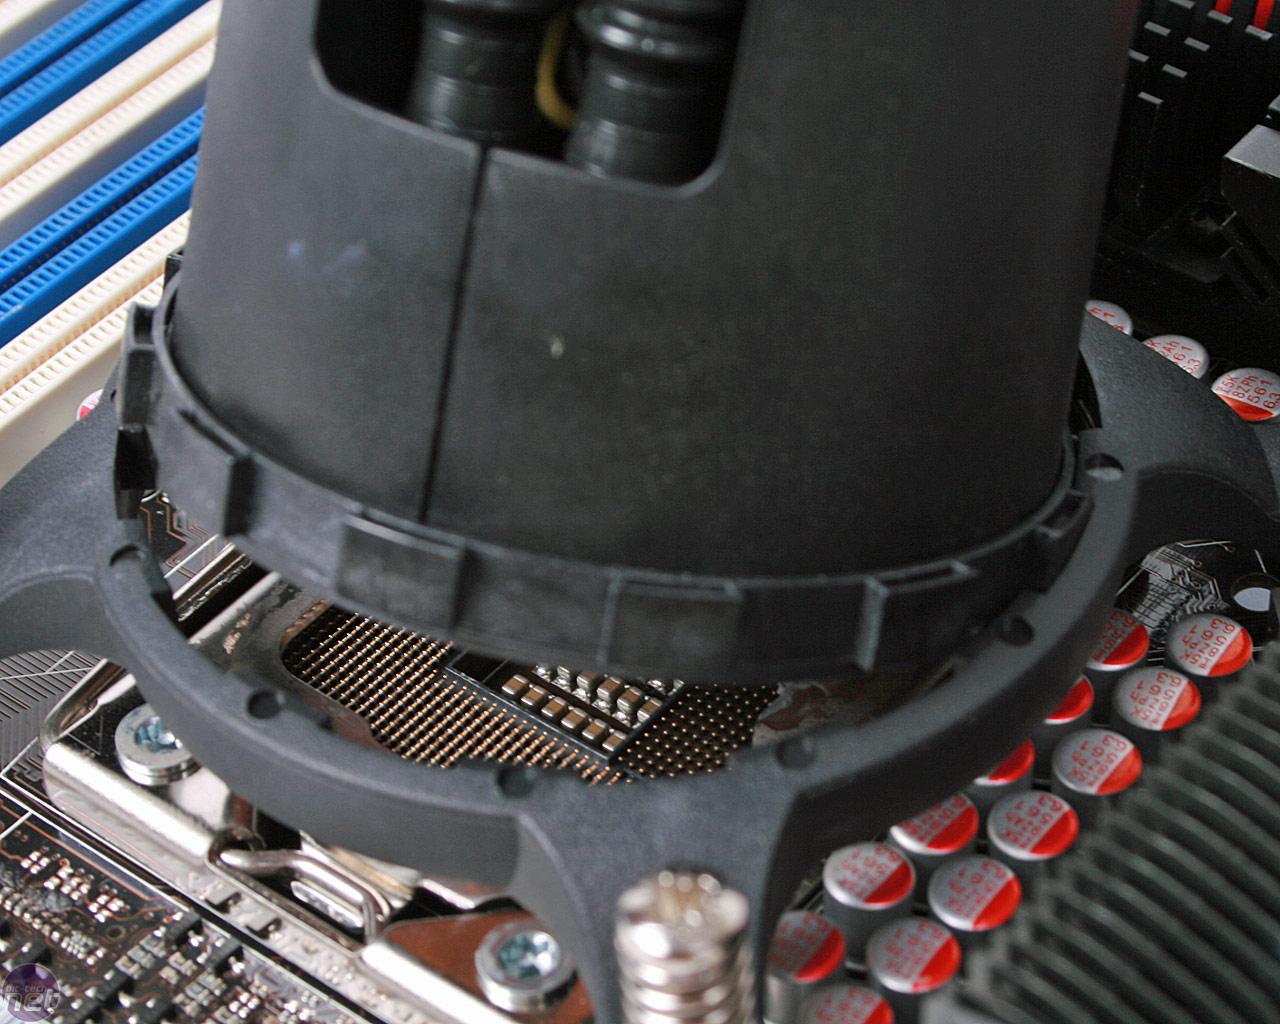 H50 Cpu Cooler Install Hydro H50 Cpu Cooler